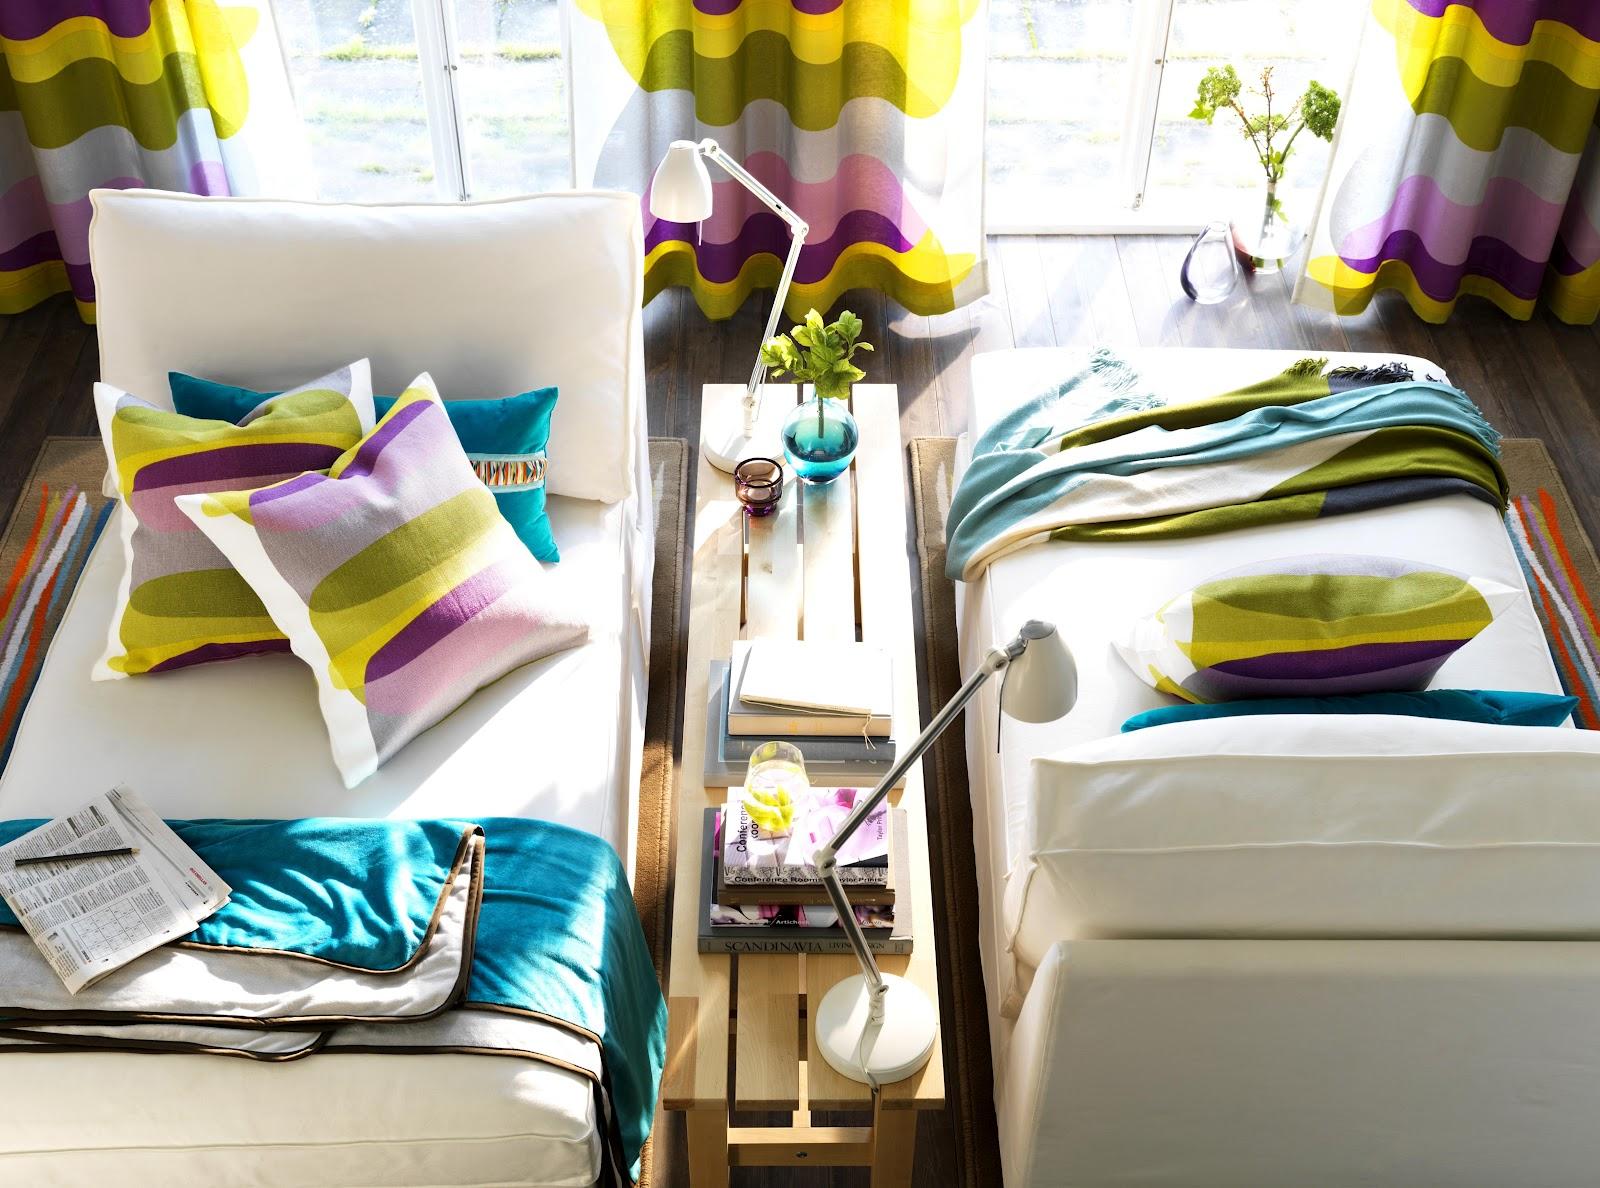 Икеа текстиль в интерьере фото